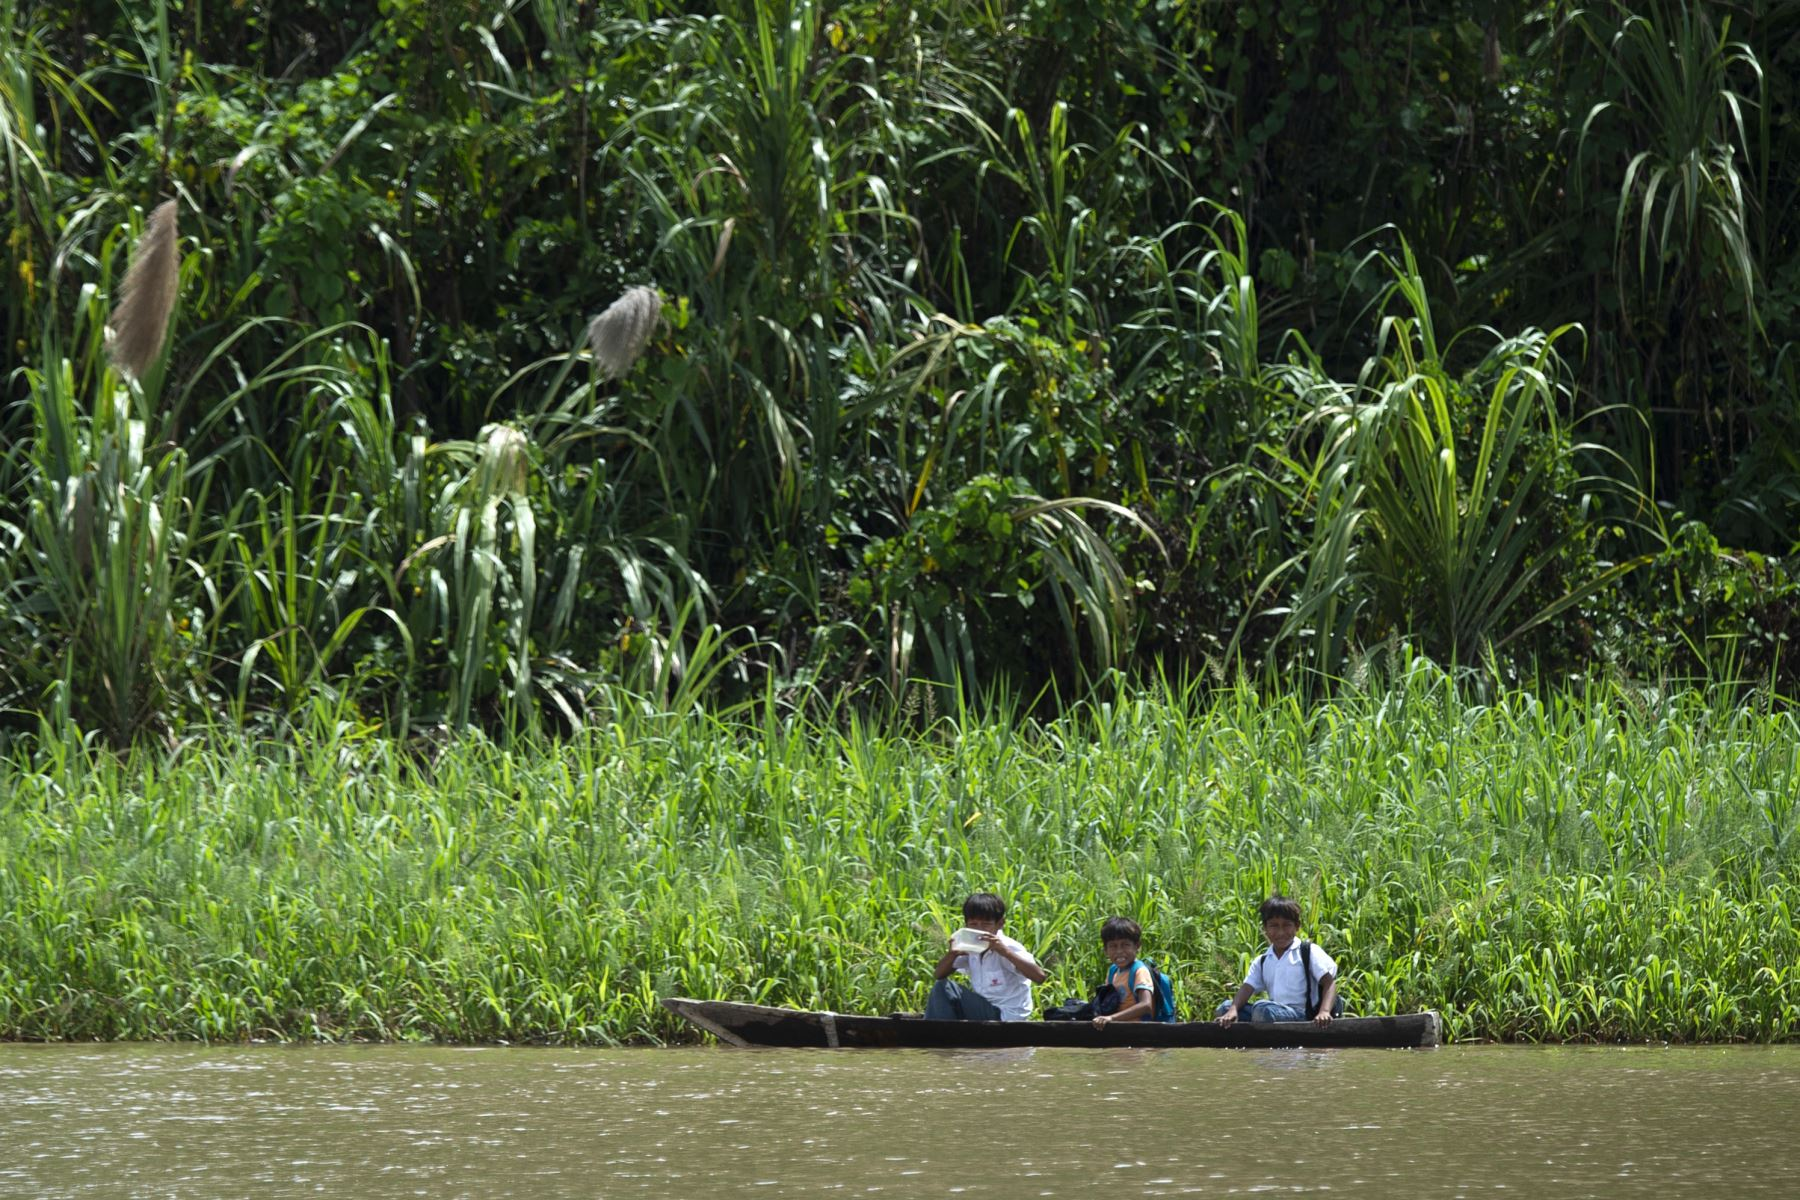 Perú quiere reforzar la protección de sus bosques en la Amazonía. AFP